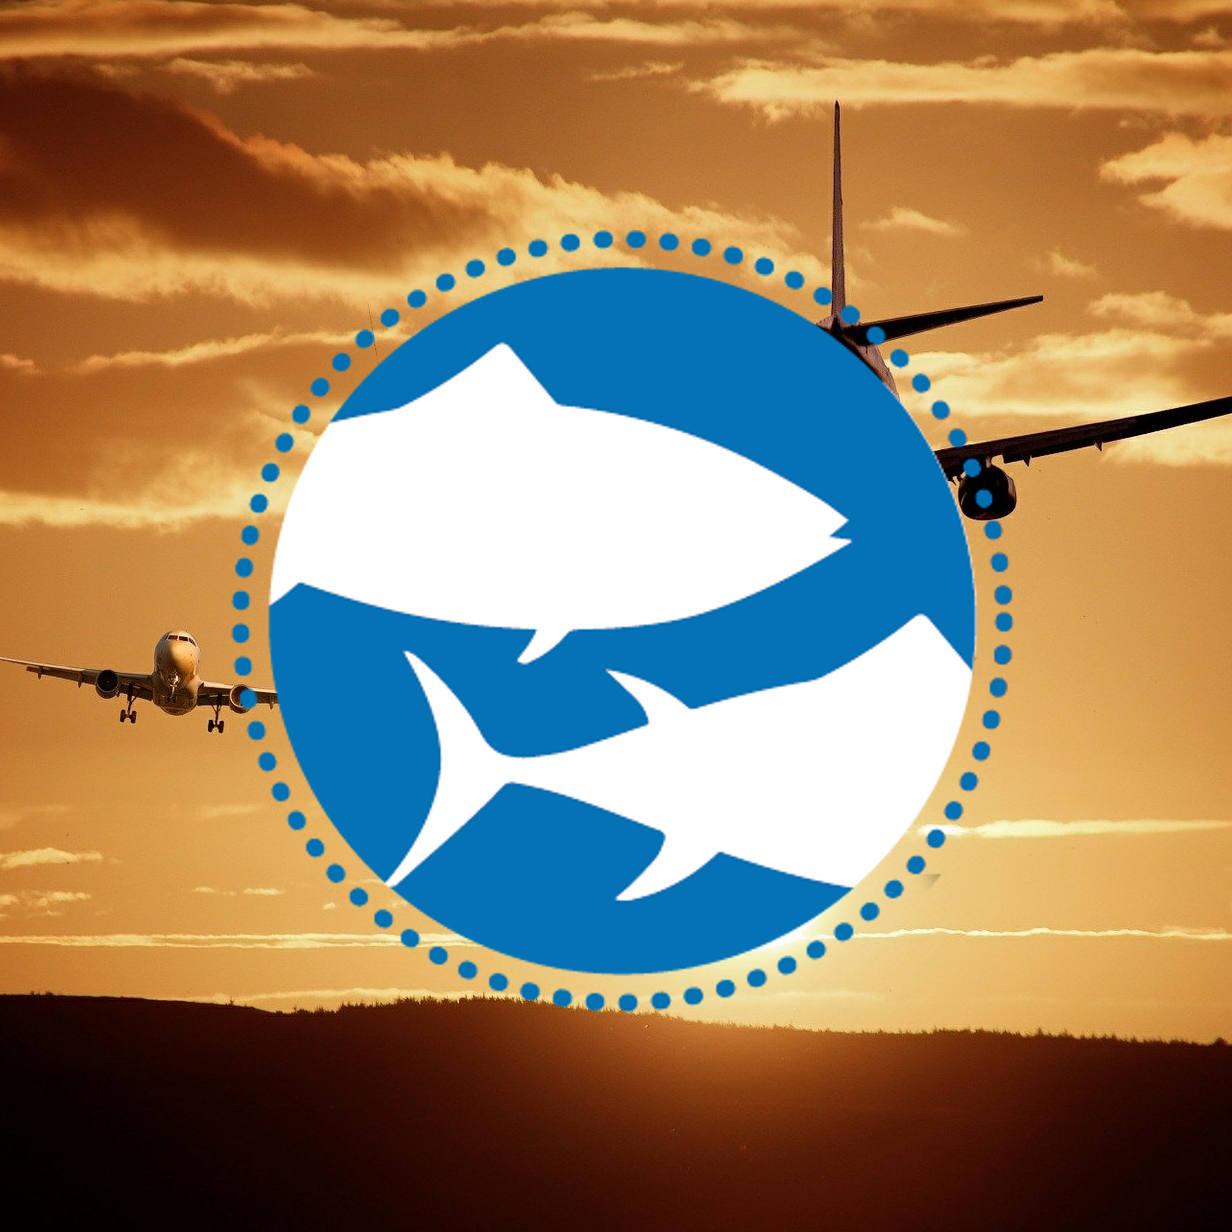 Welttag für das Ende der Fischerei - Frankfurt Flughafen